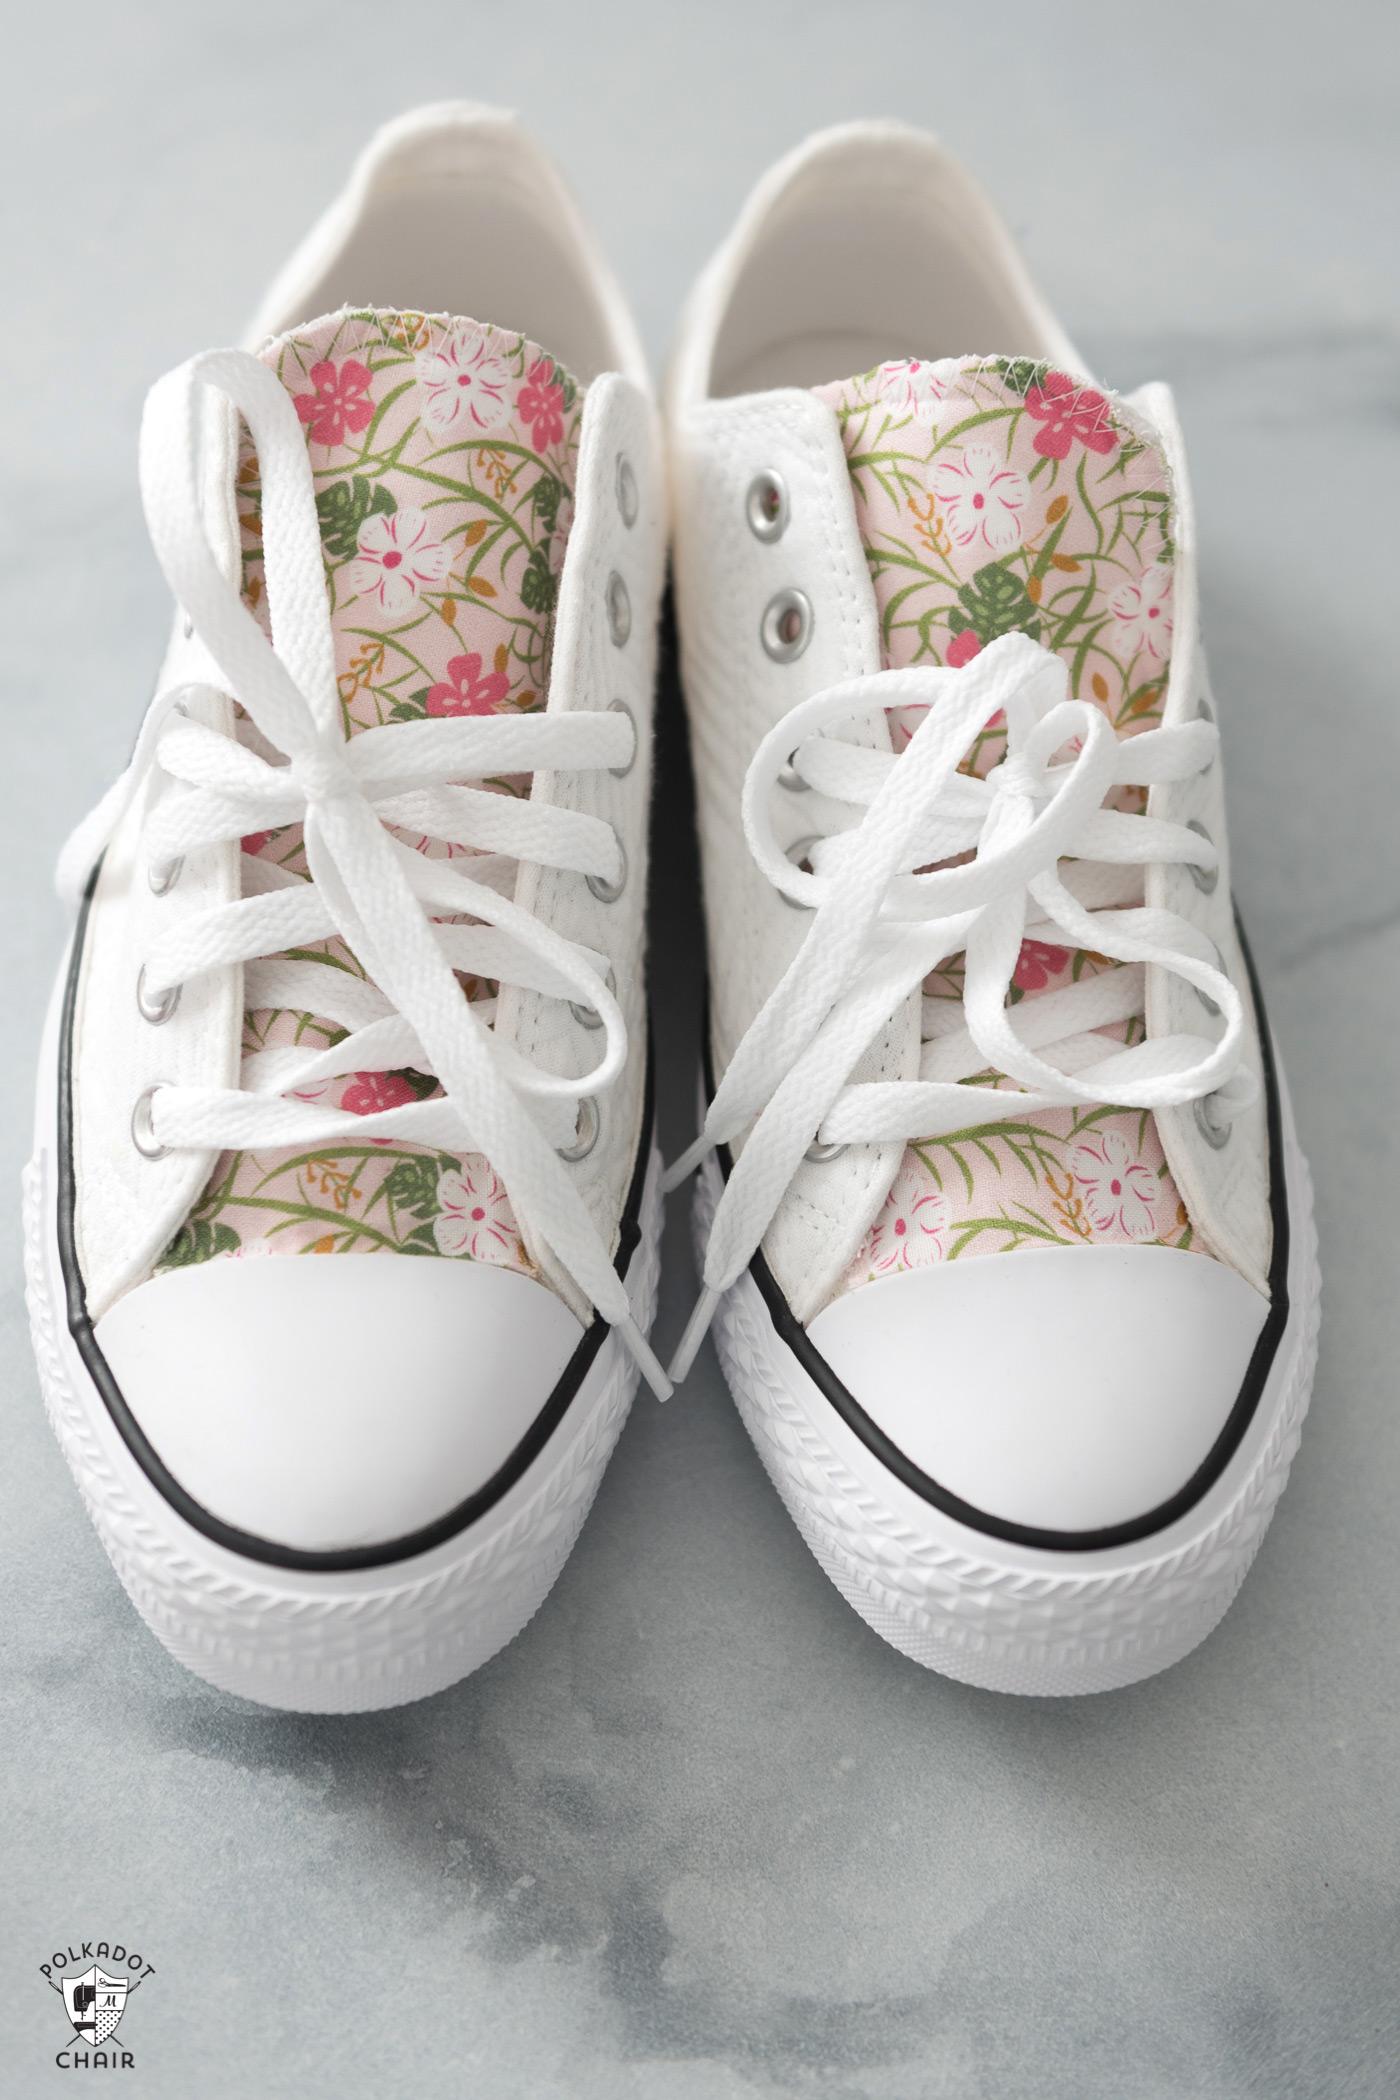 floral chucks